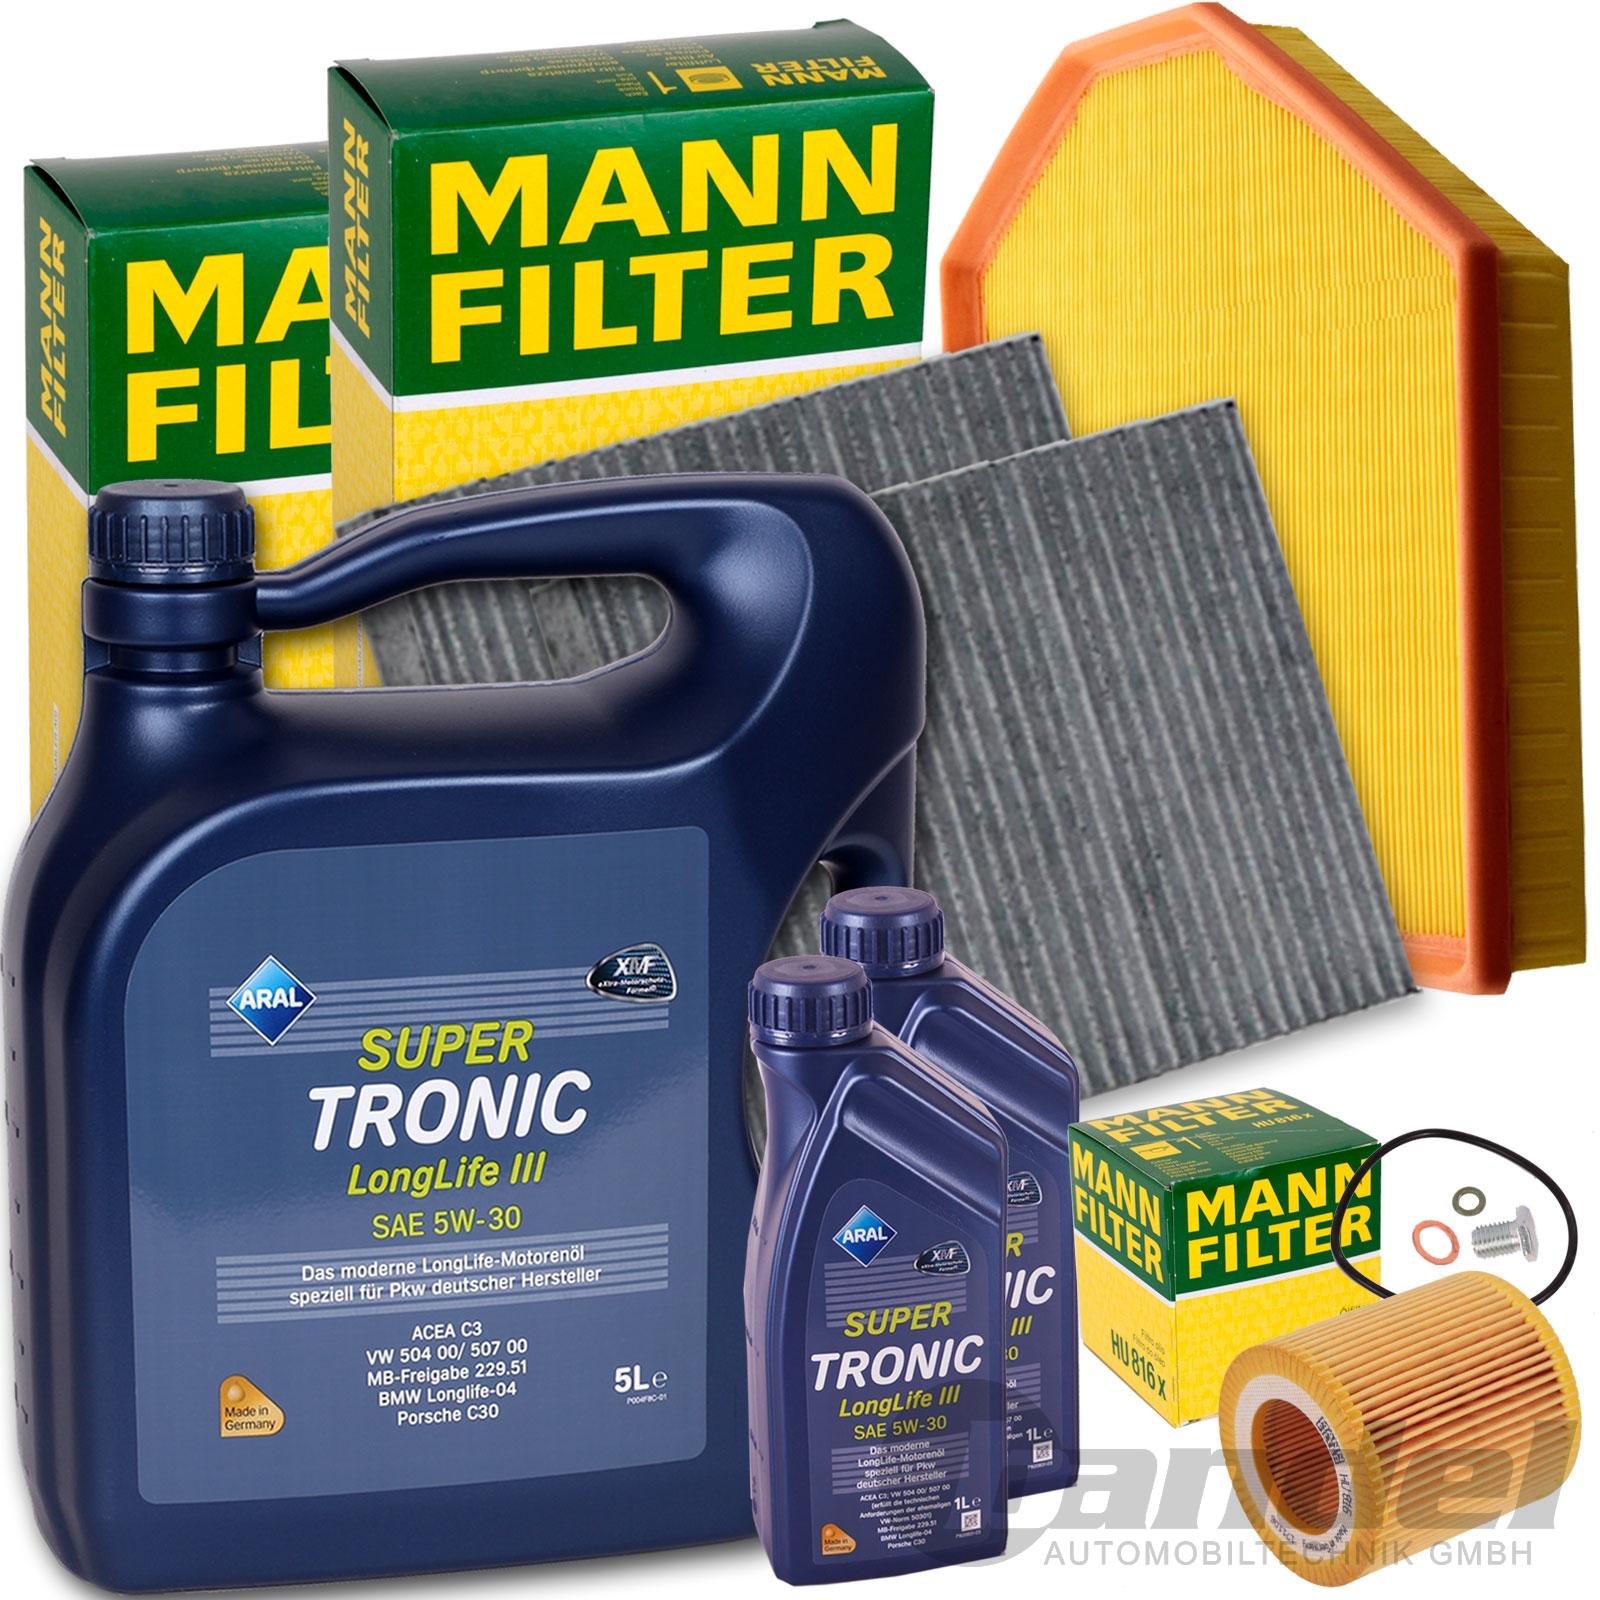 filterset inspektionskit aral 5w30 l bmw x3 f25 18 20 28i. Black Bedroom Furniture Sets. Home Design Ideas